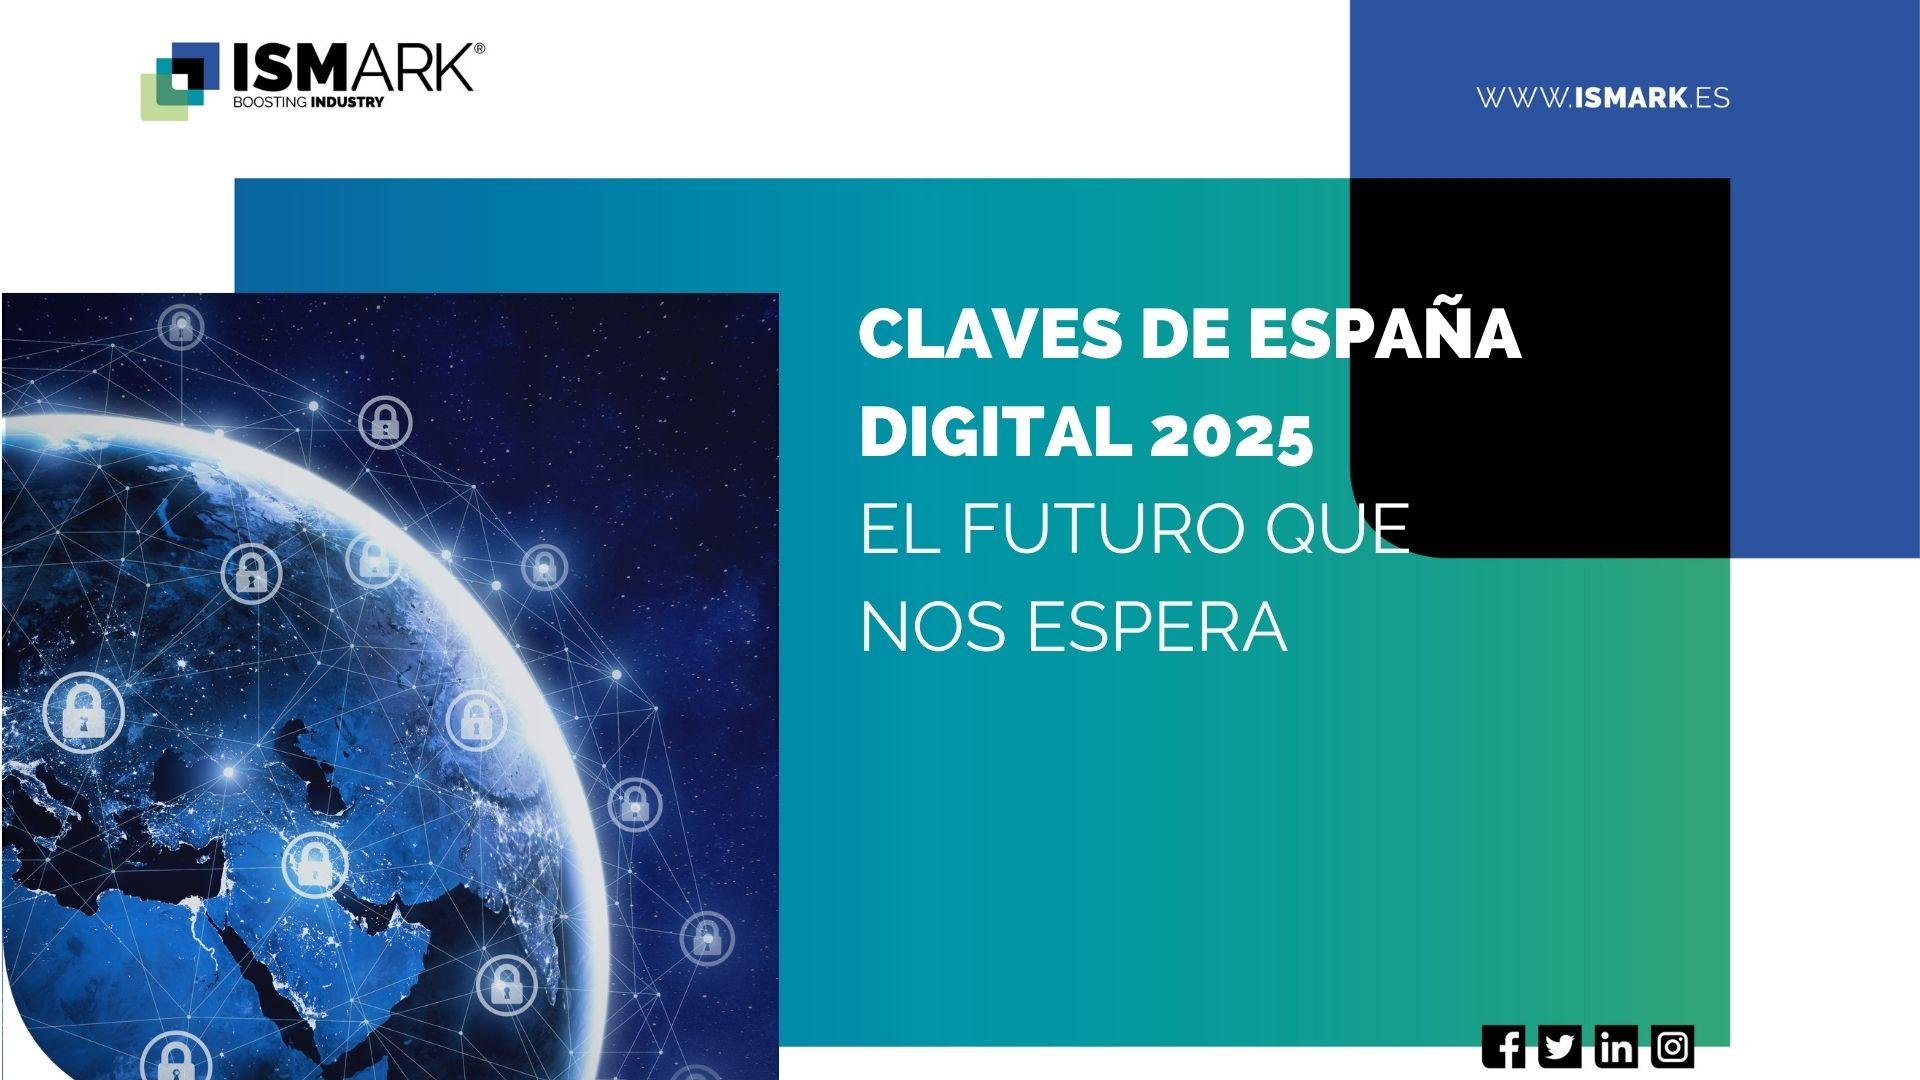 Claves de España Digital 2025, el futuro que nos espera class=